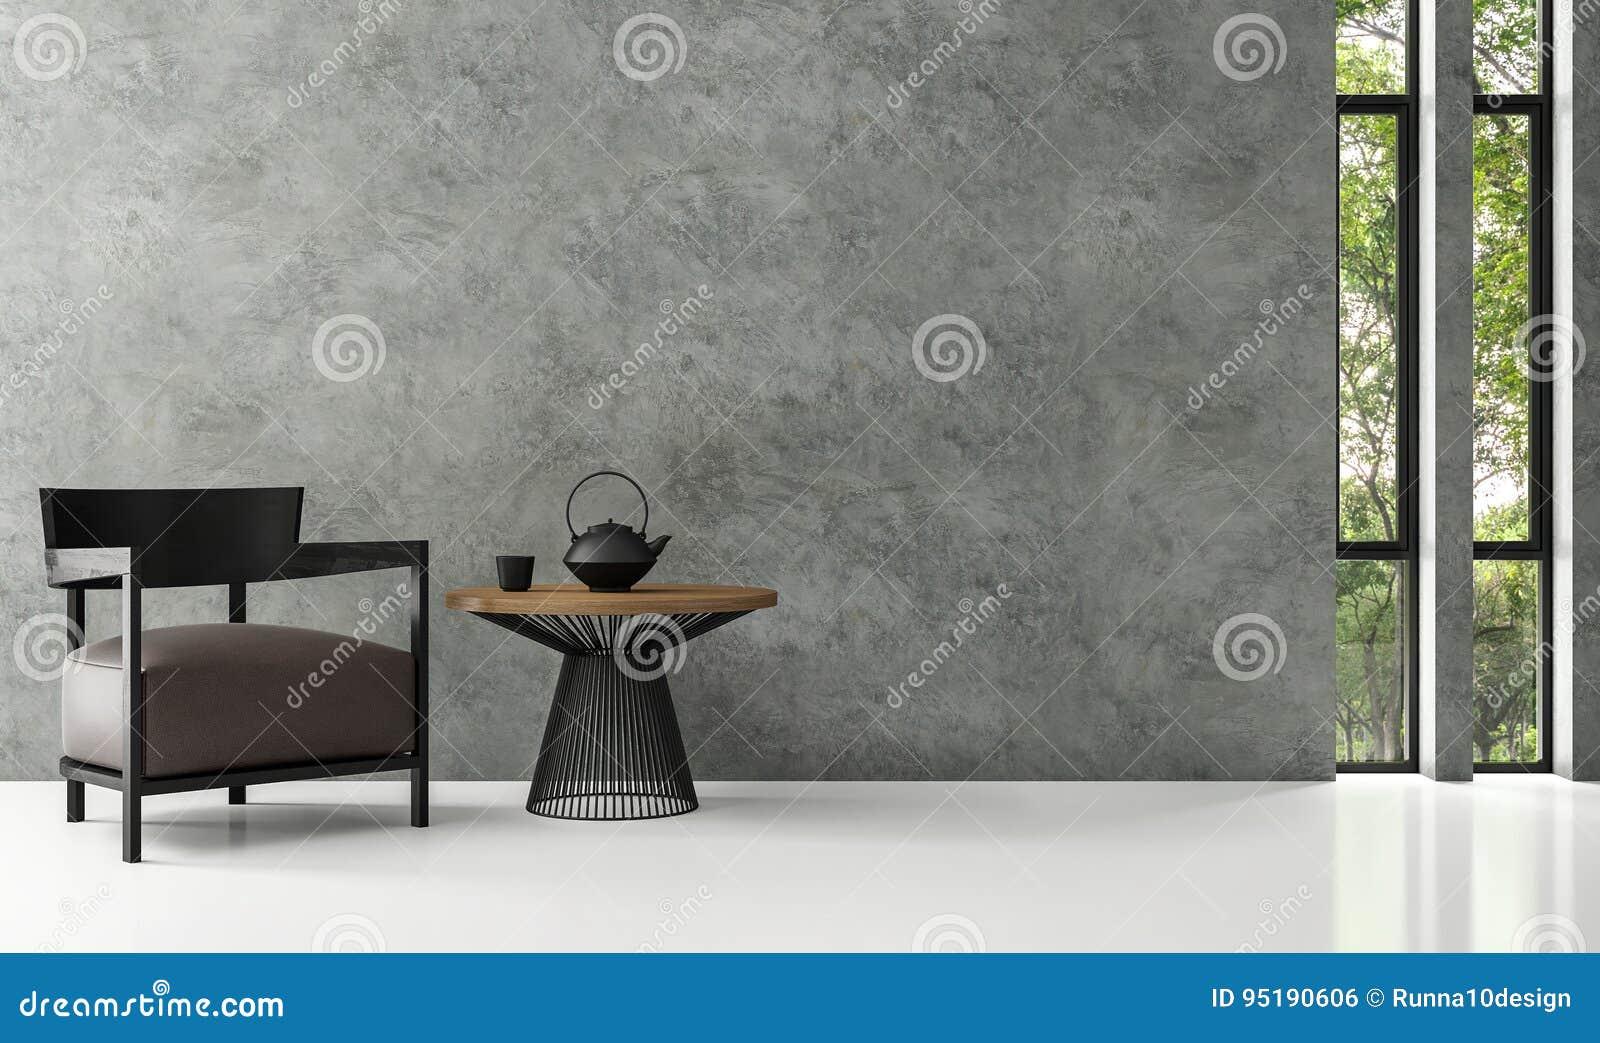 Современное изображение перевода живущей комнаты 3d просторной квартиры